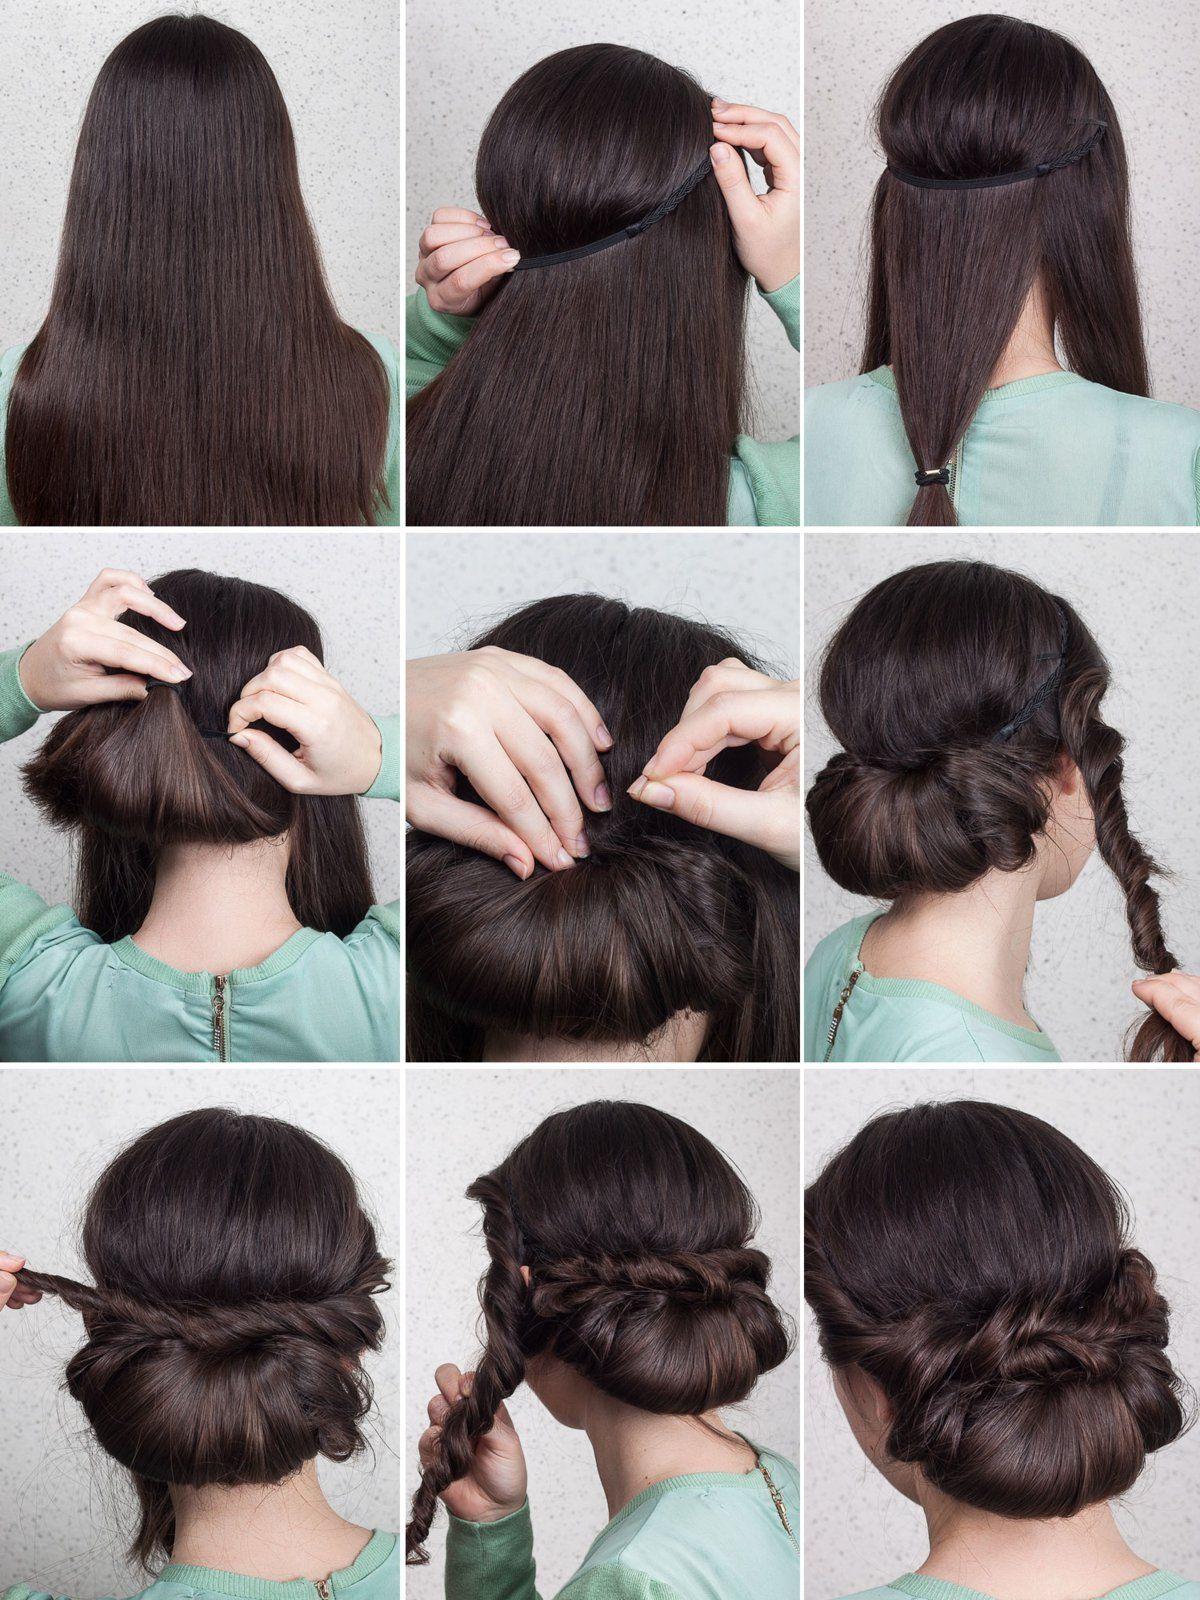 Eingedrehter Chignon  Haarband frisur, Haarband frisur anleitung